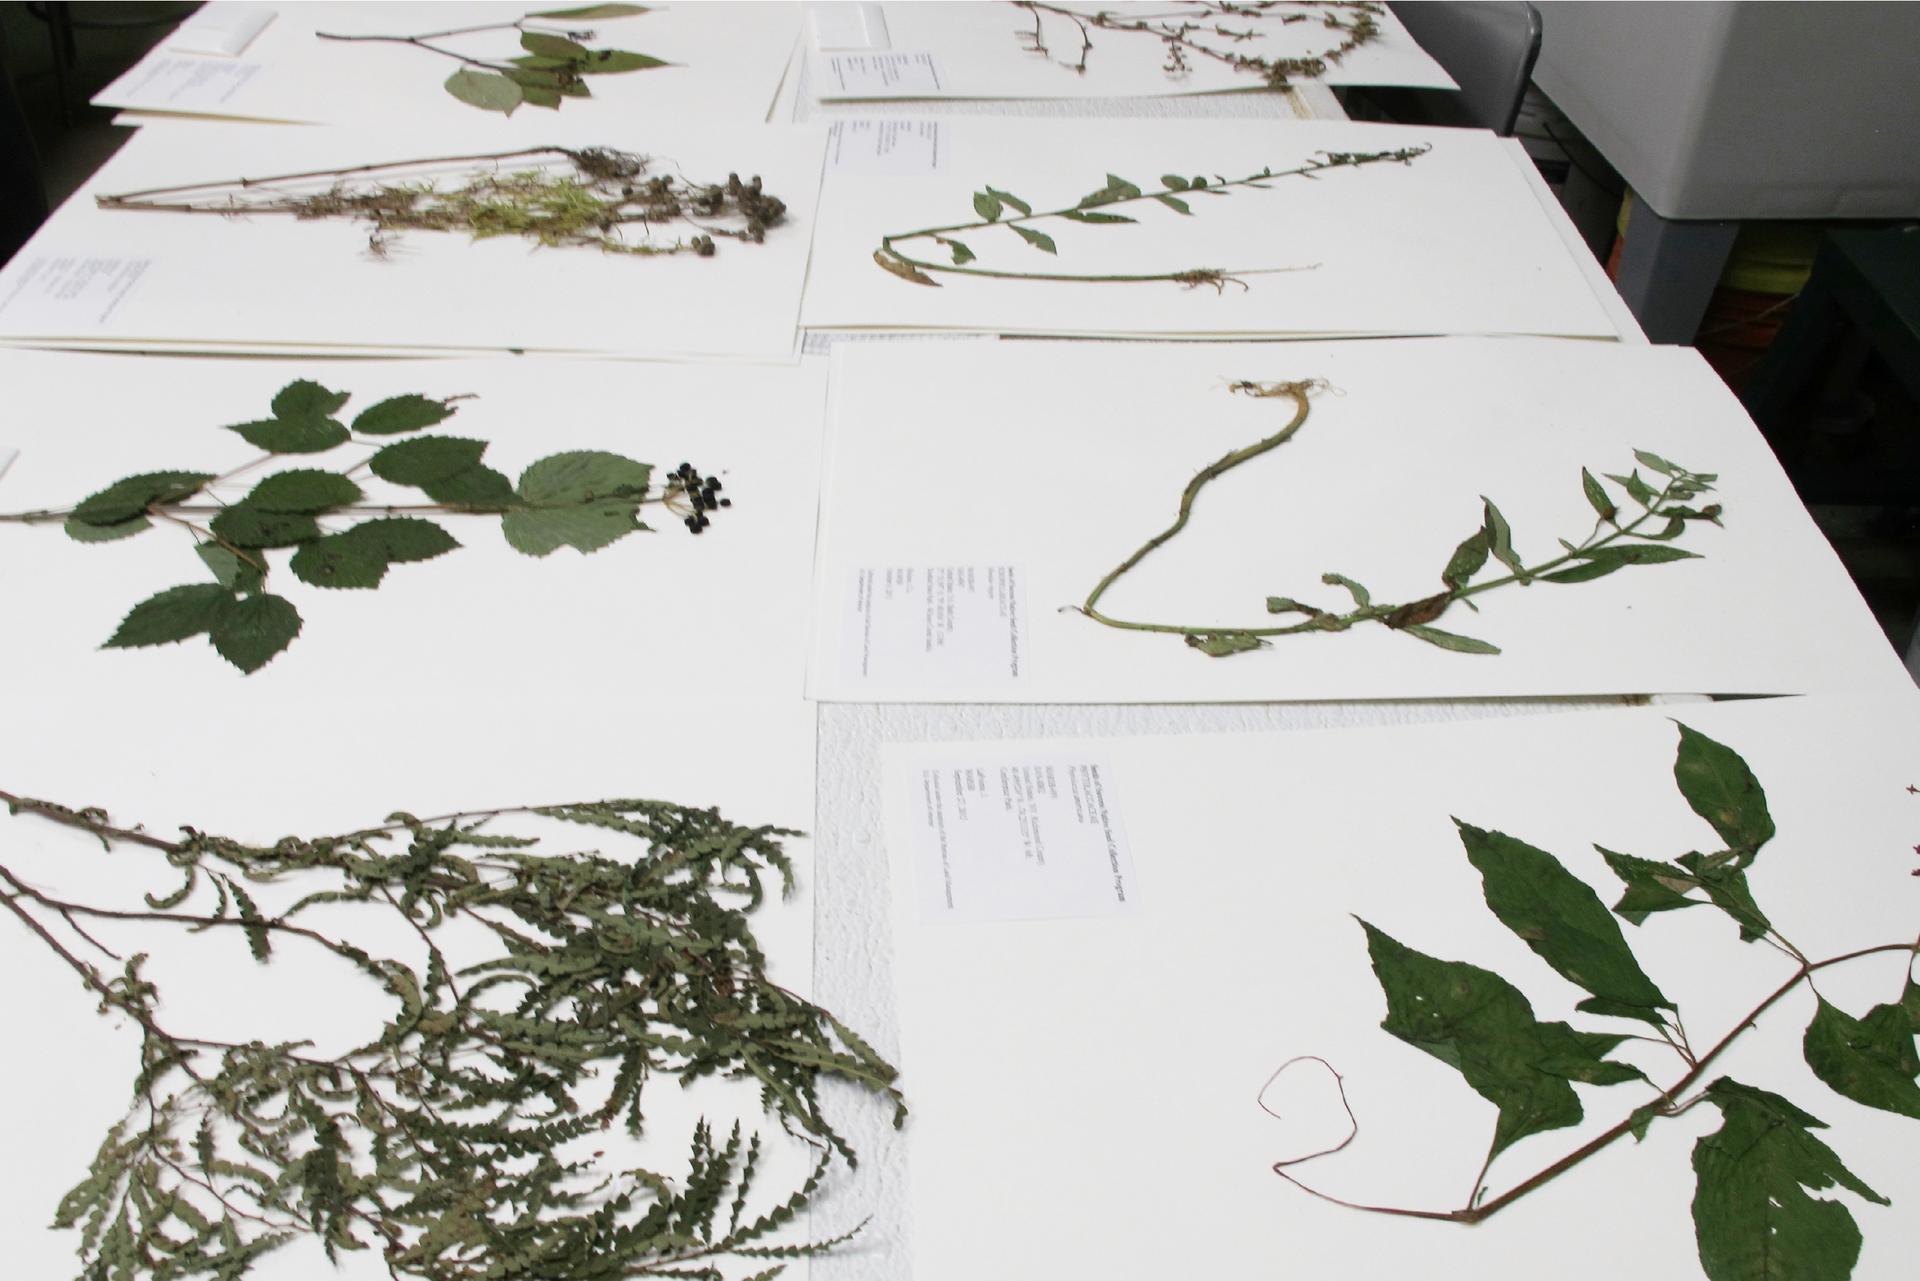 Fotografia przedstawia karty zzielnika rozłożone na blacie. Na każdej zkart znajdują się zasuszone części różnych roślin. Na dole kart umieszczono opisy zaprezentowanych okazów.